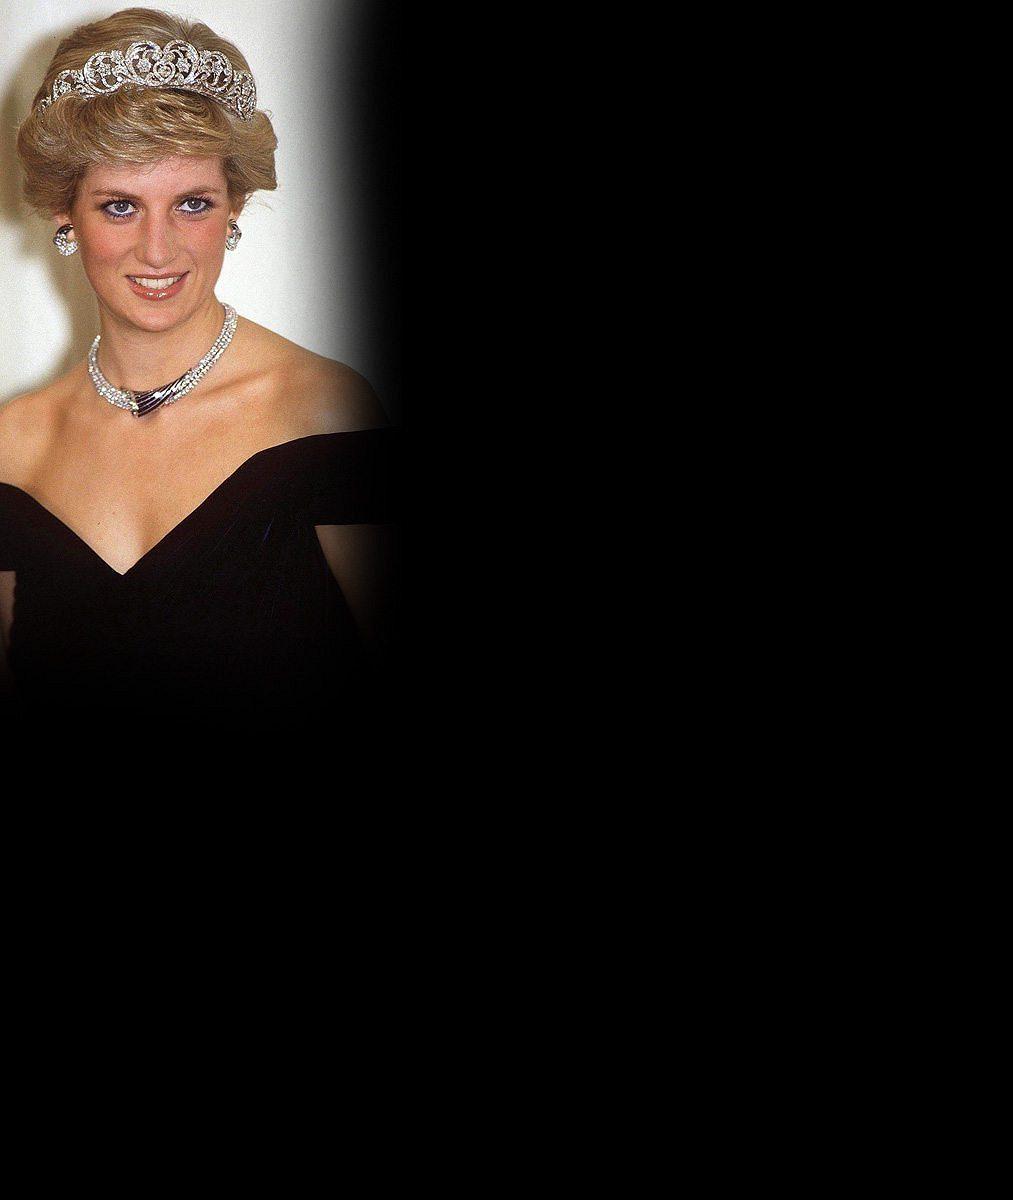 Vévodkyně Kate společně s princi Williamem a Harrym uctila památku své nikdy nepoznané tchyně Diany